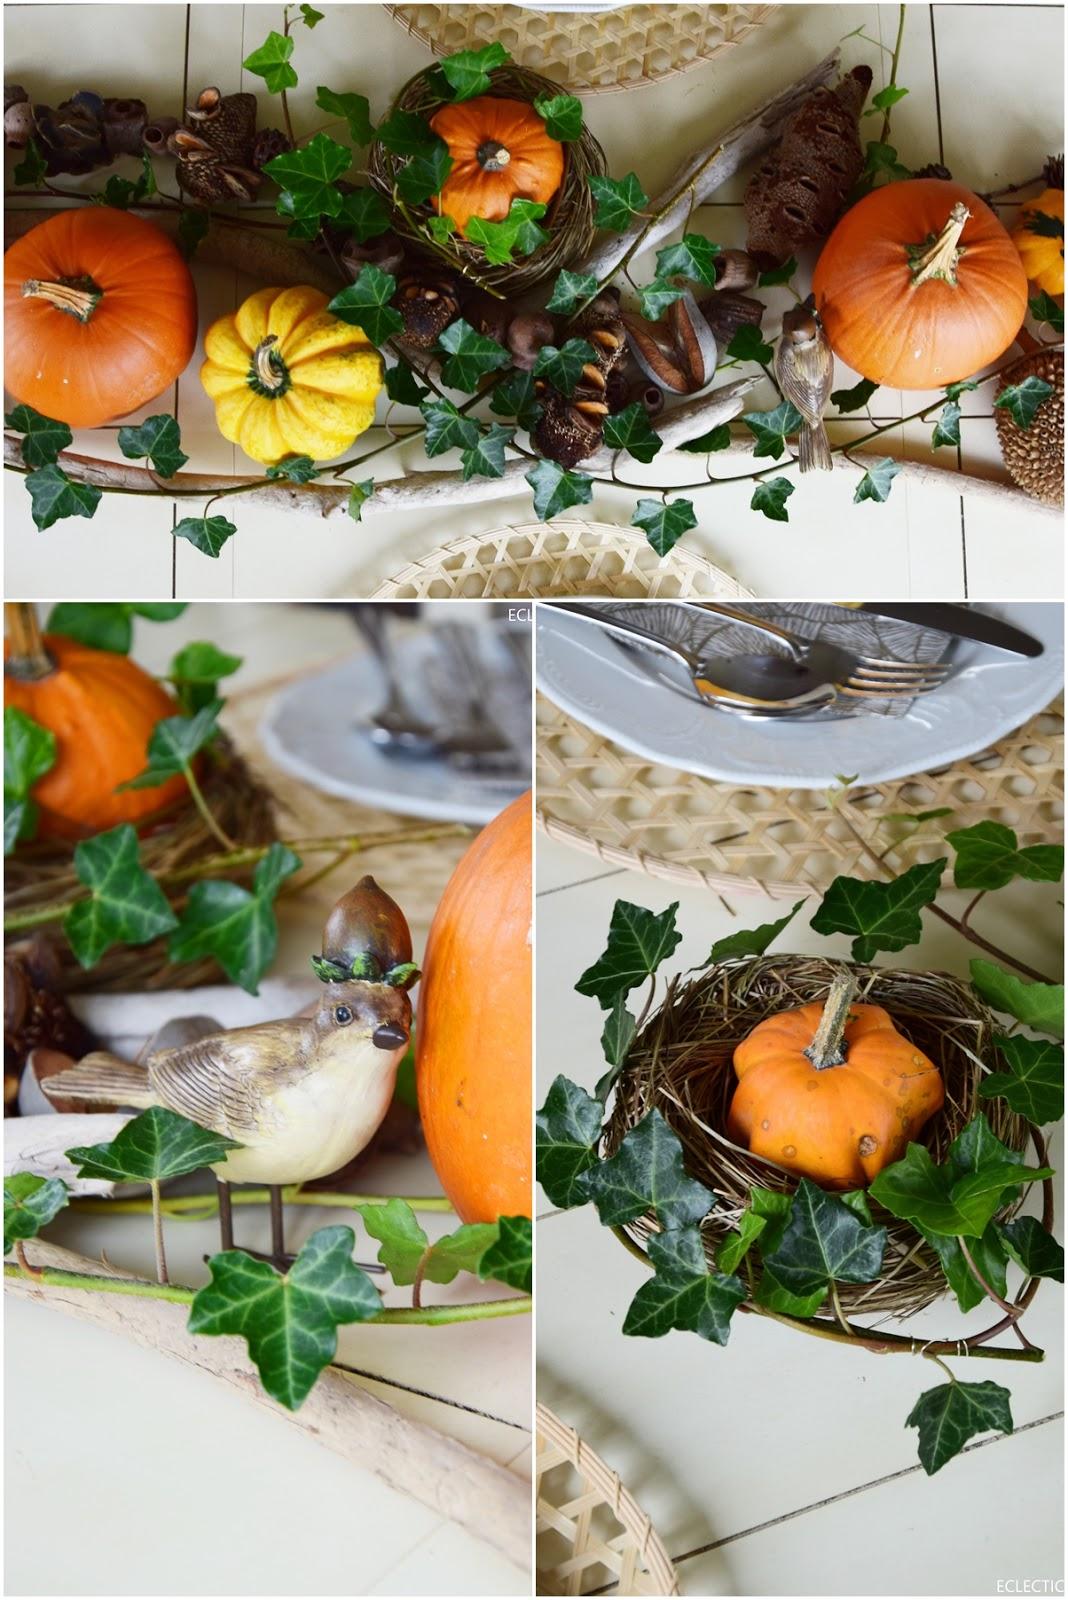 Tischdeko für den Herbst mit Kürbissen: herbstlich natürlich und schön! Efeu, Kürbisund Naturmaterialien